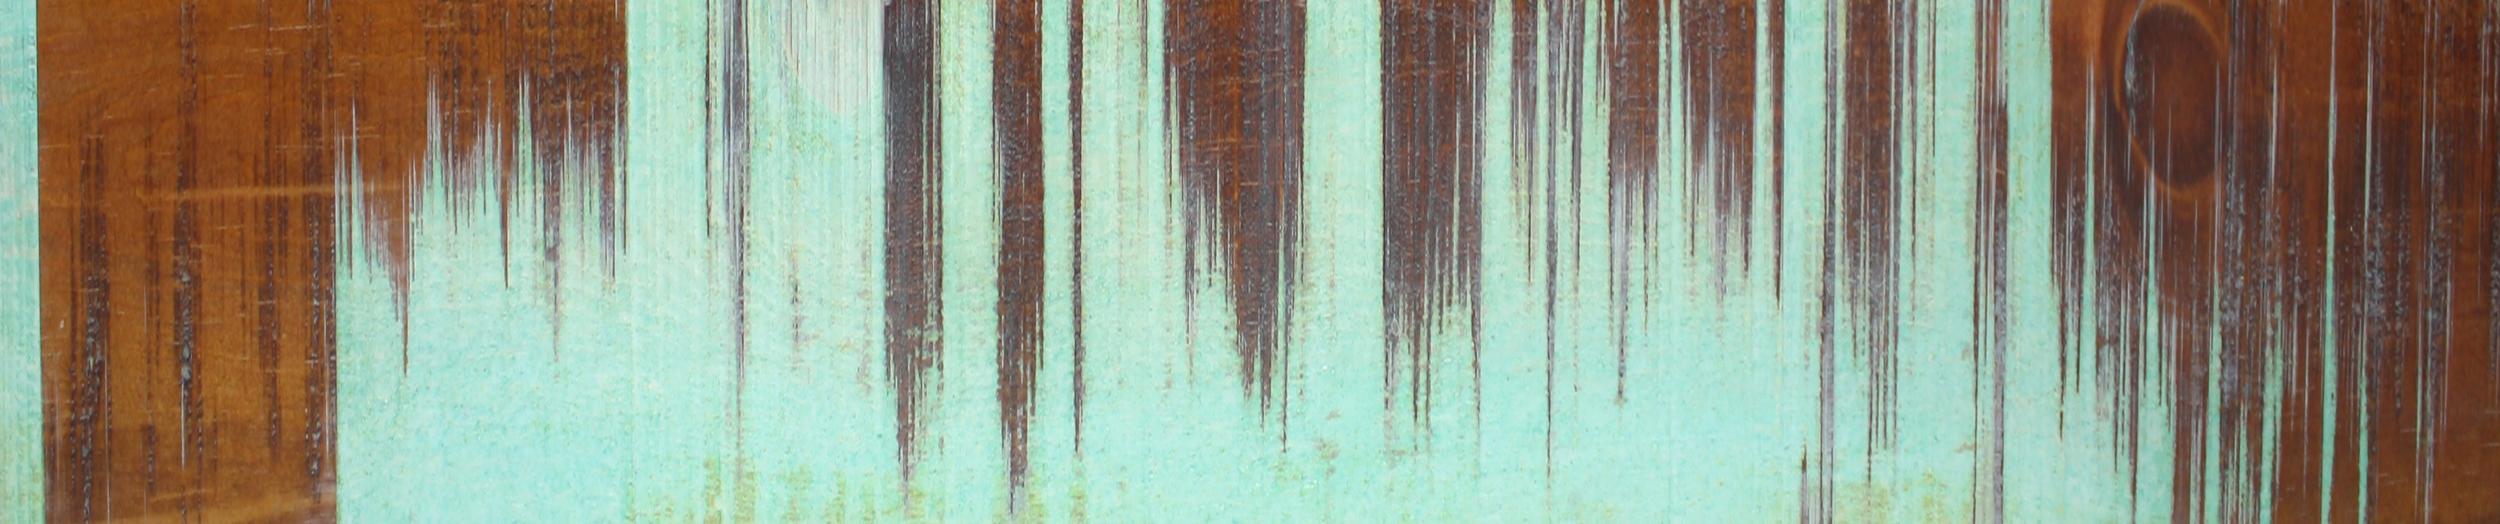 Rusty Copper